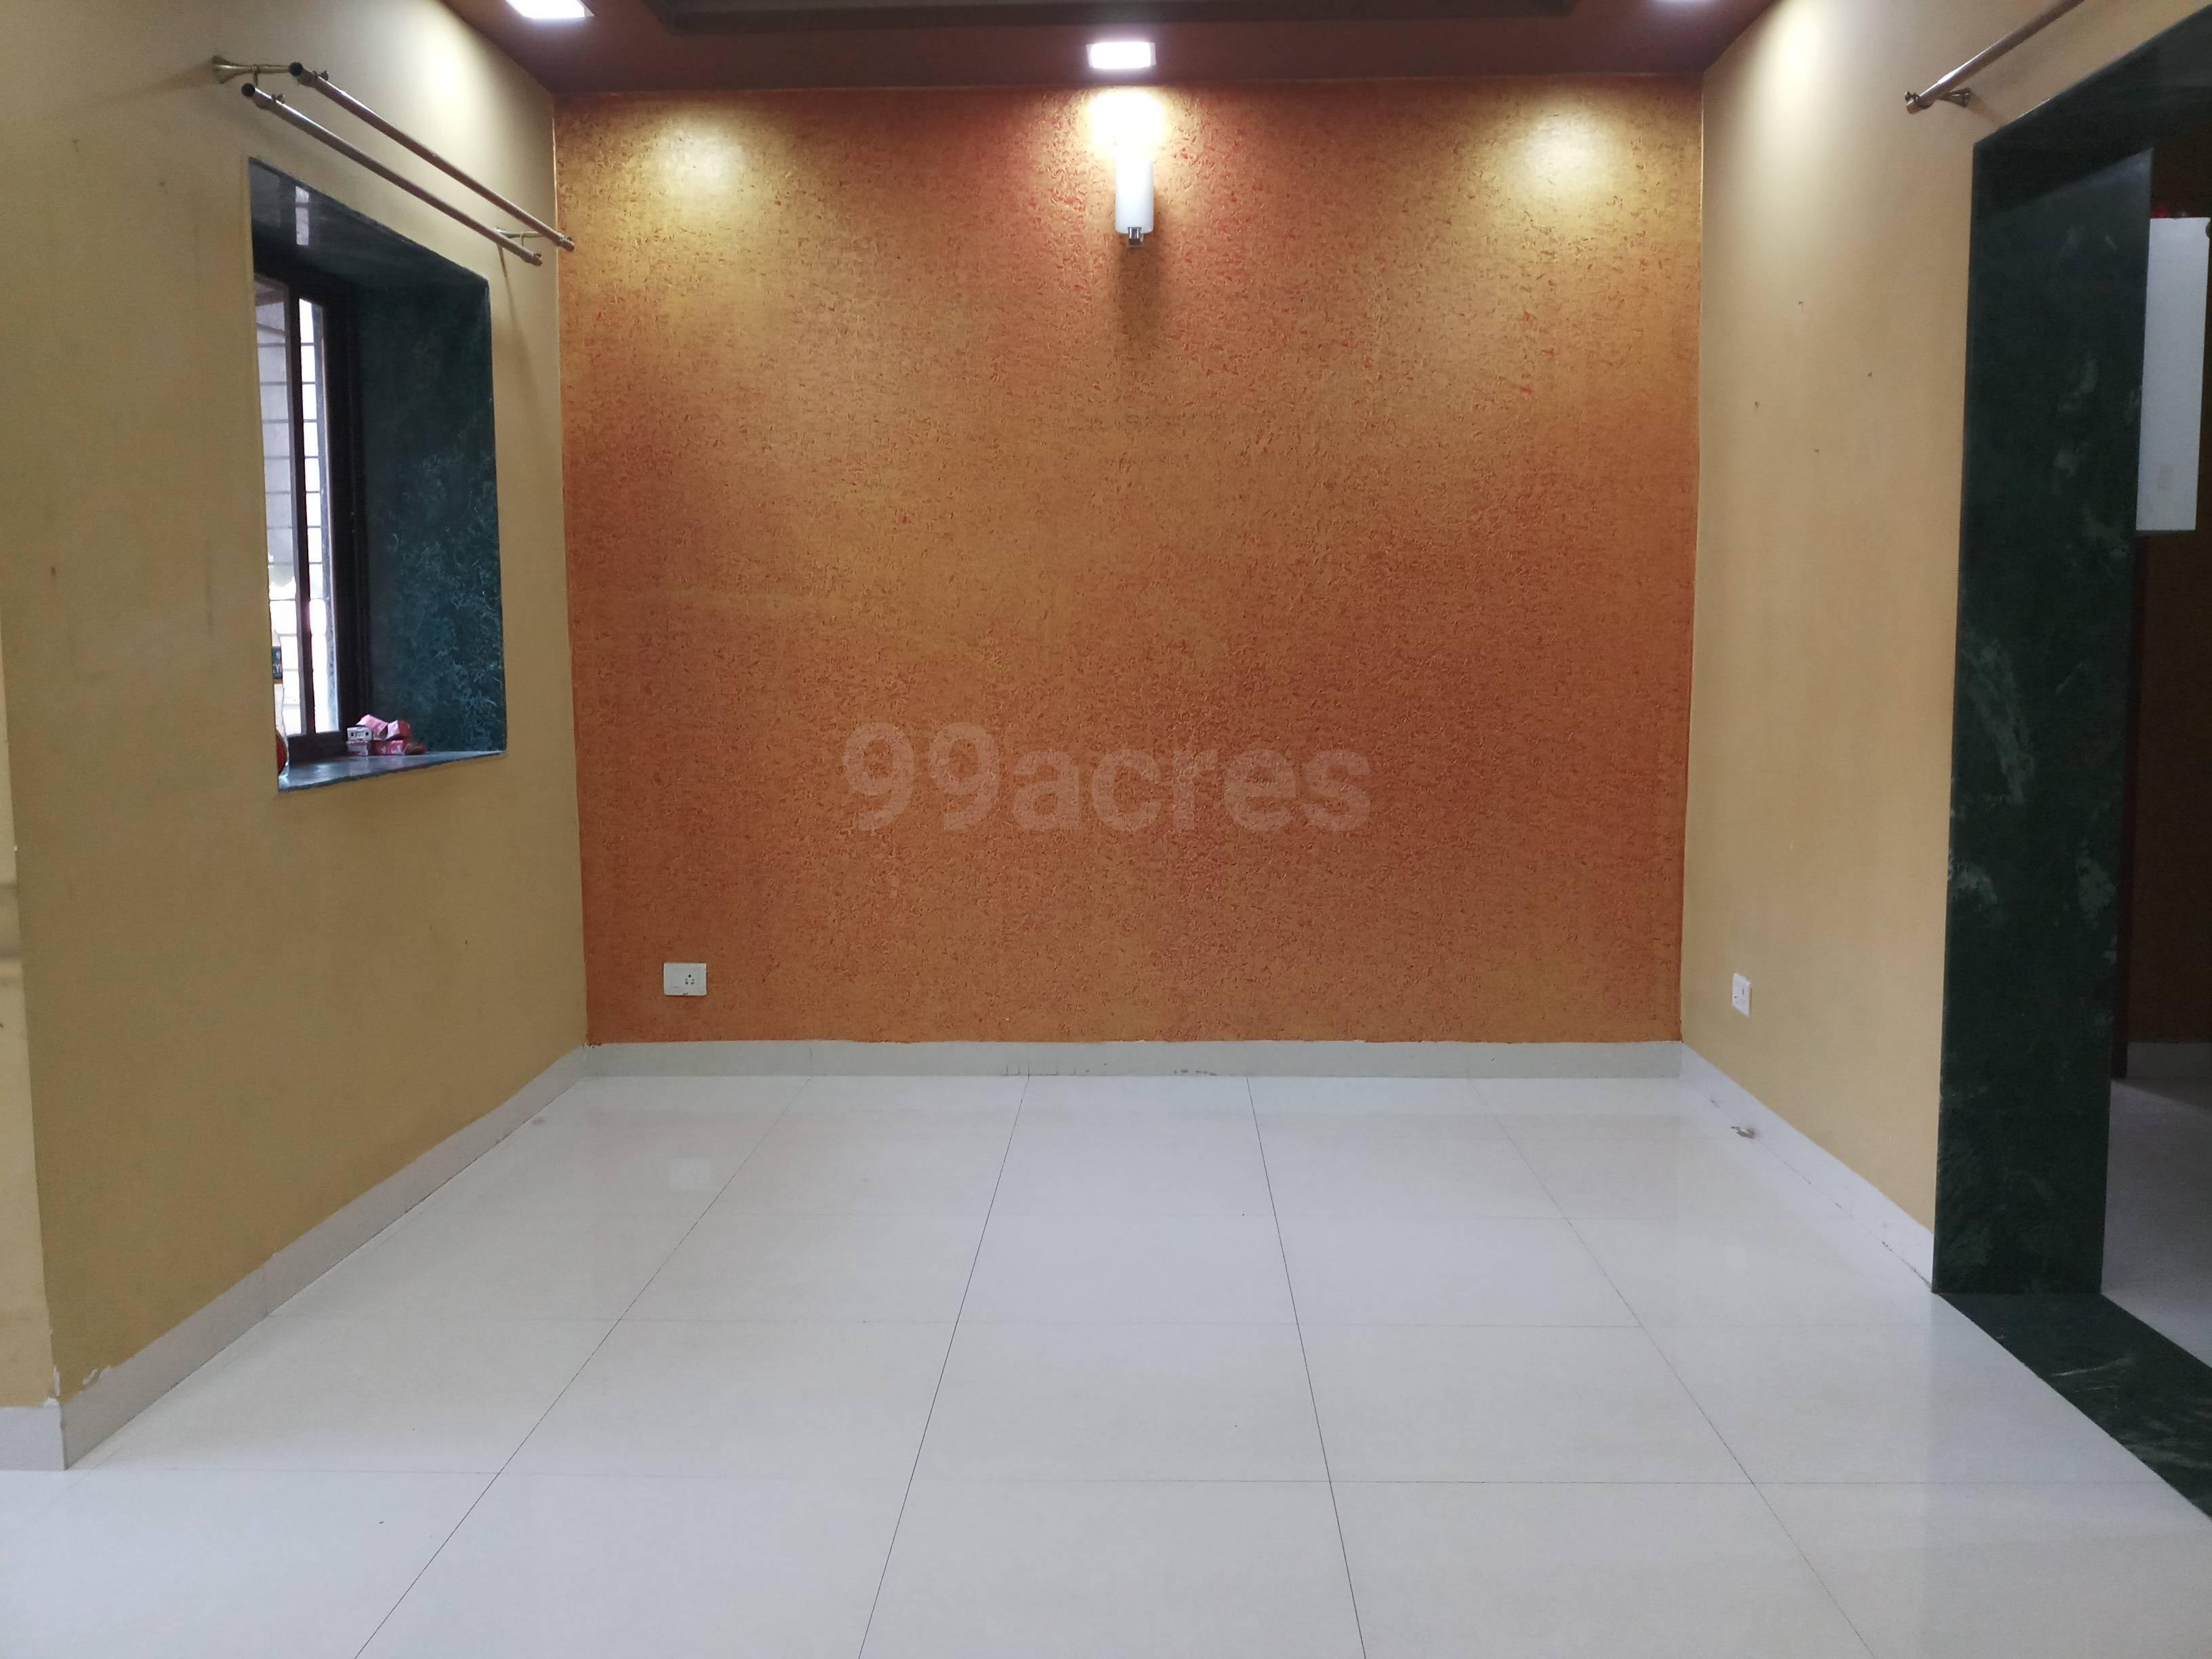 1 BHK Apartment for Sale in NIBM Annex